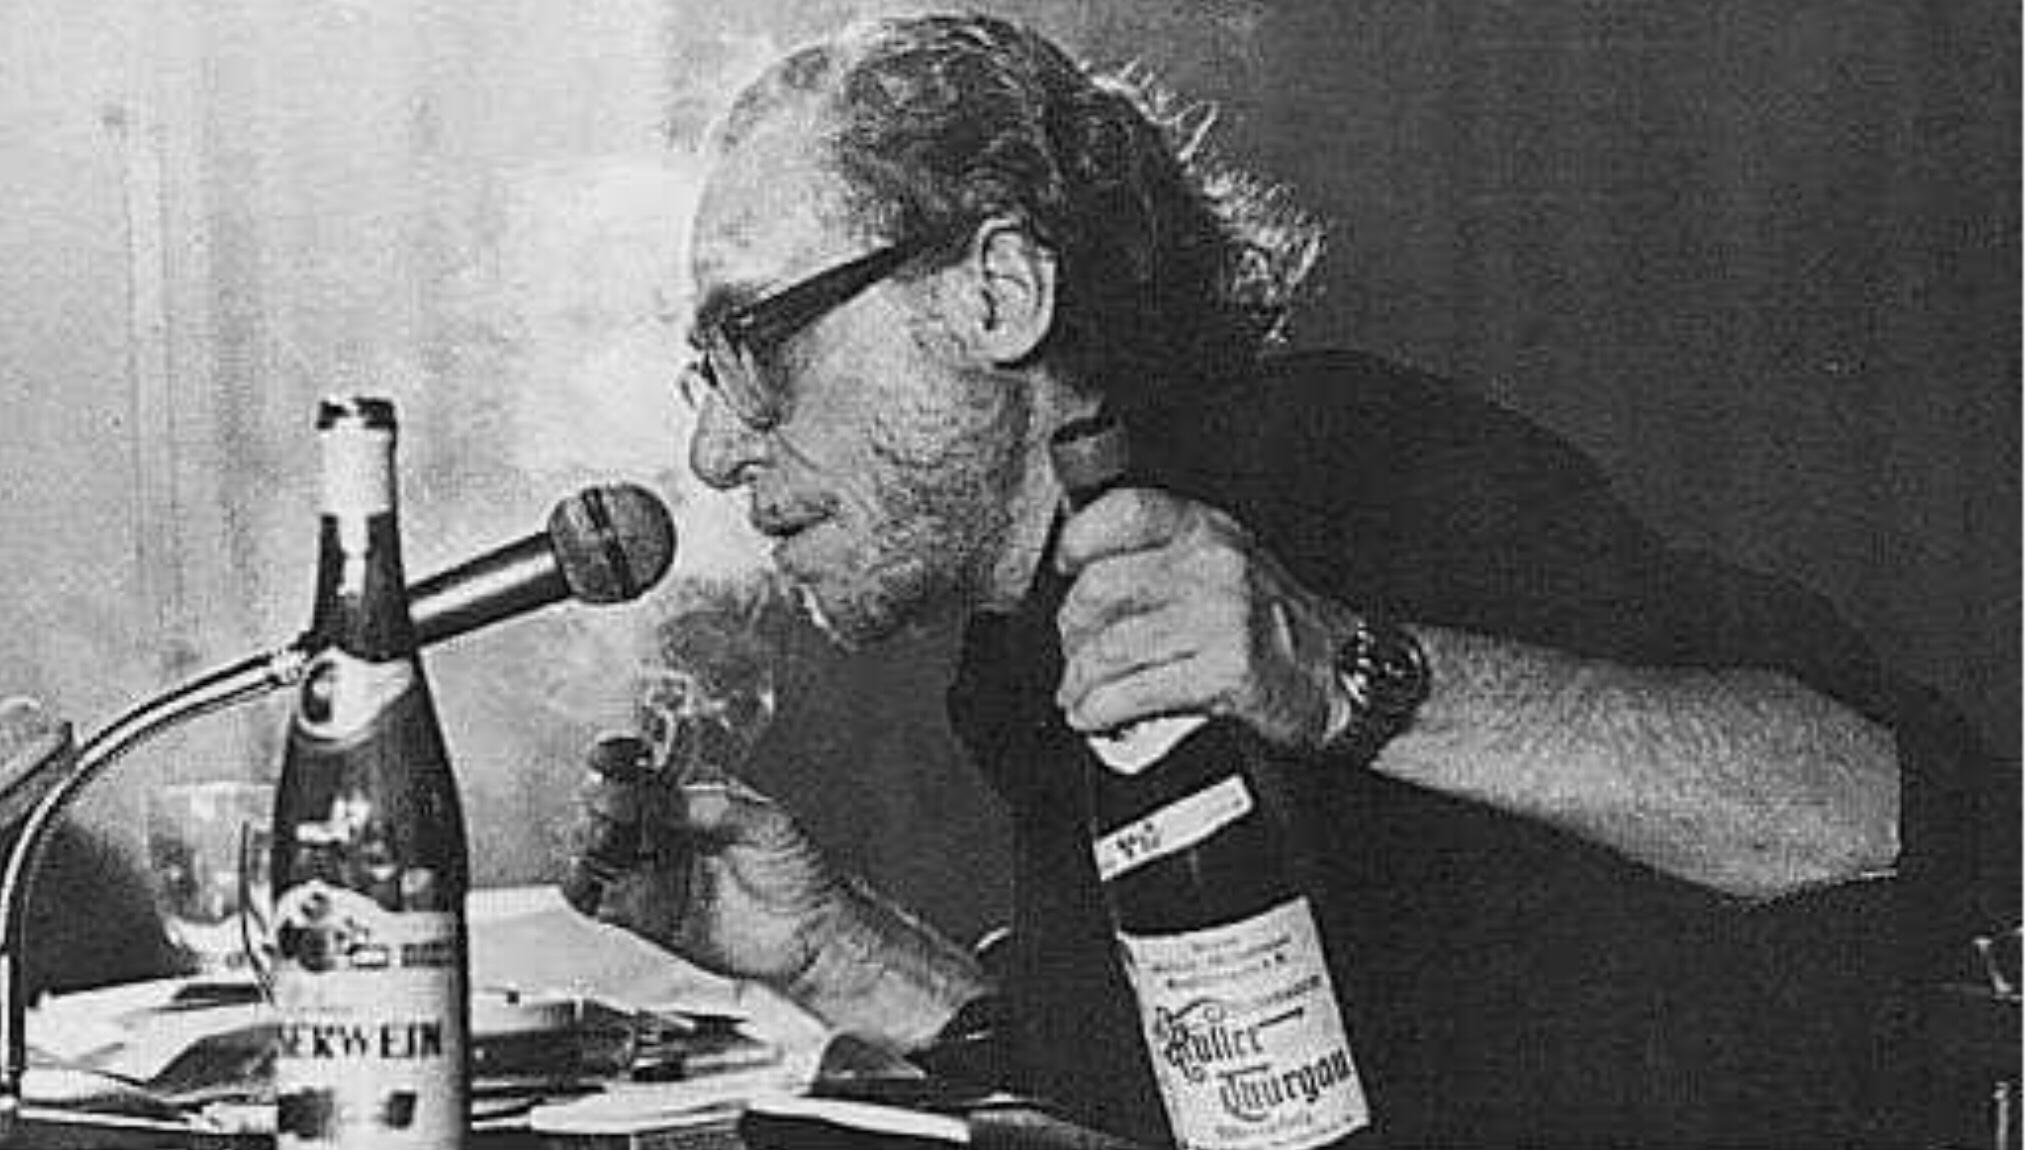 Su buteliu kalba į mikrofoną.